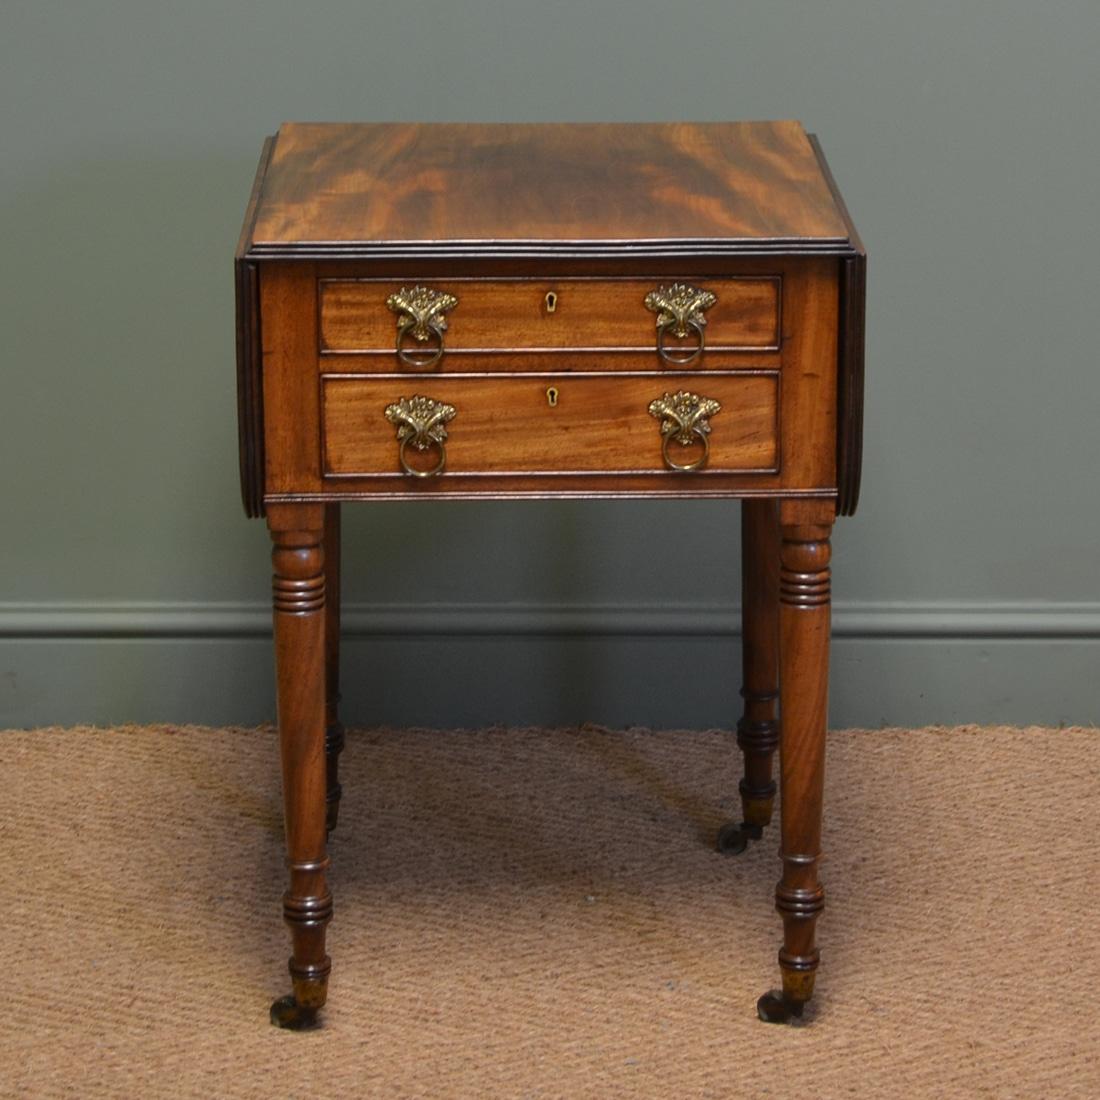 regency mahogany sofa table como decir cama en ingles beautiful small antique